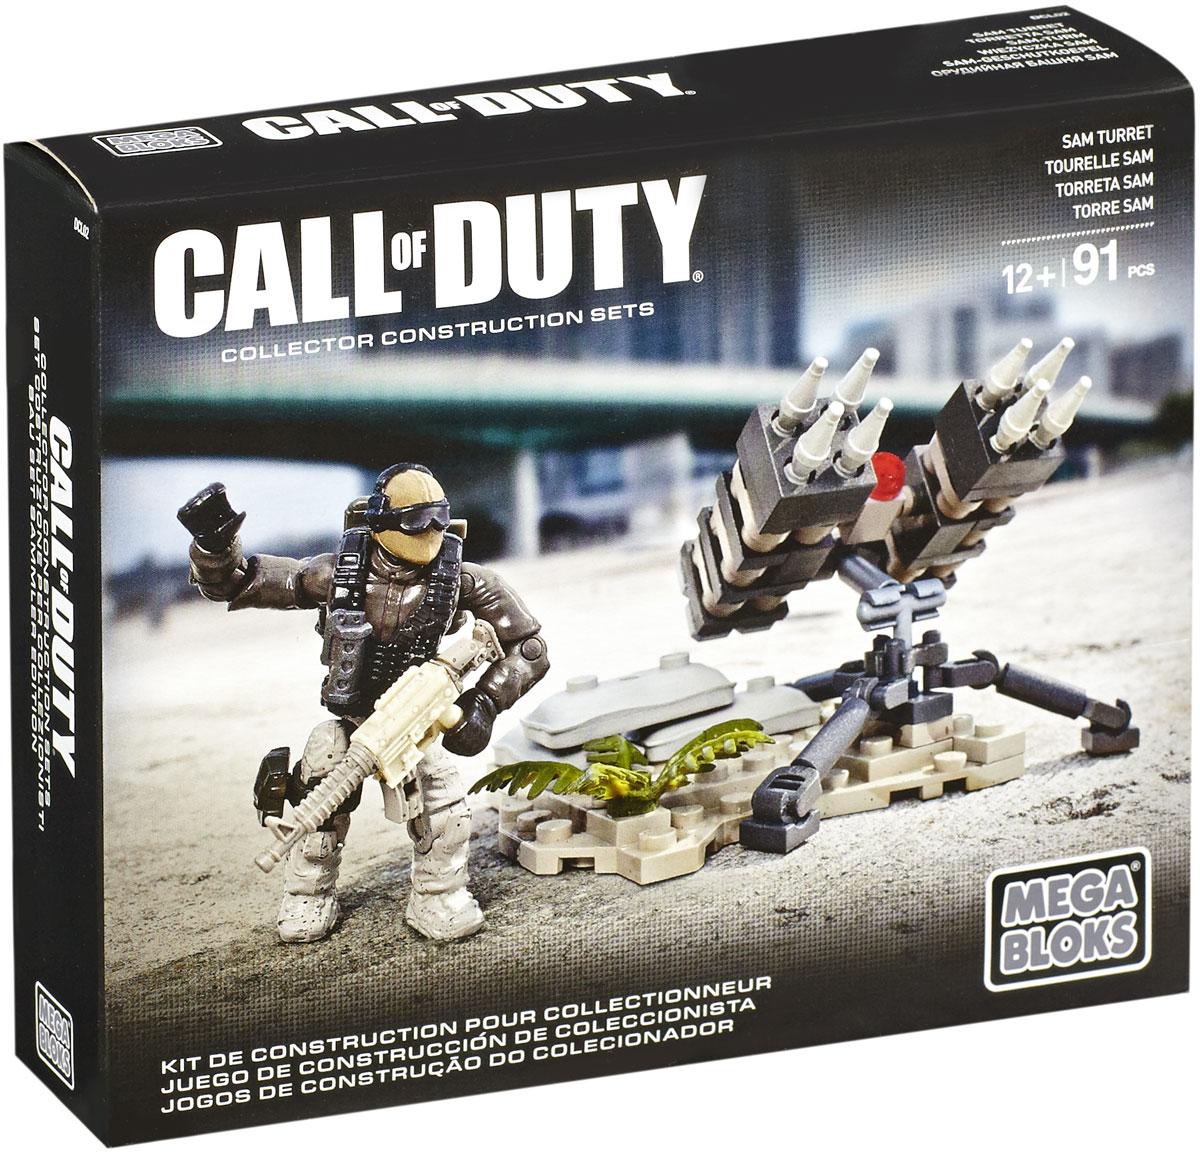 Mega Bloks Call Of Duty Конструктор Sam Turret